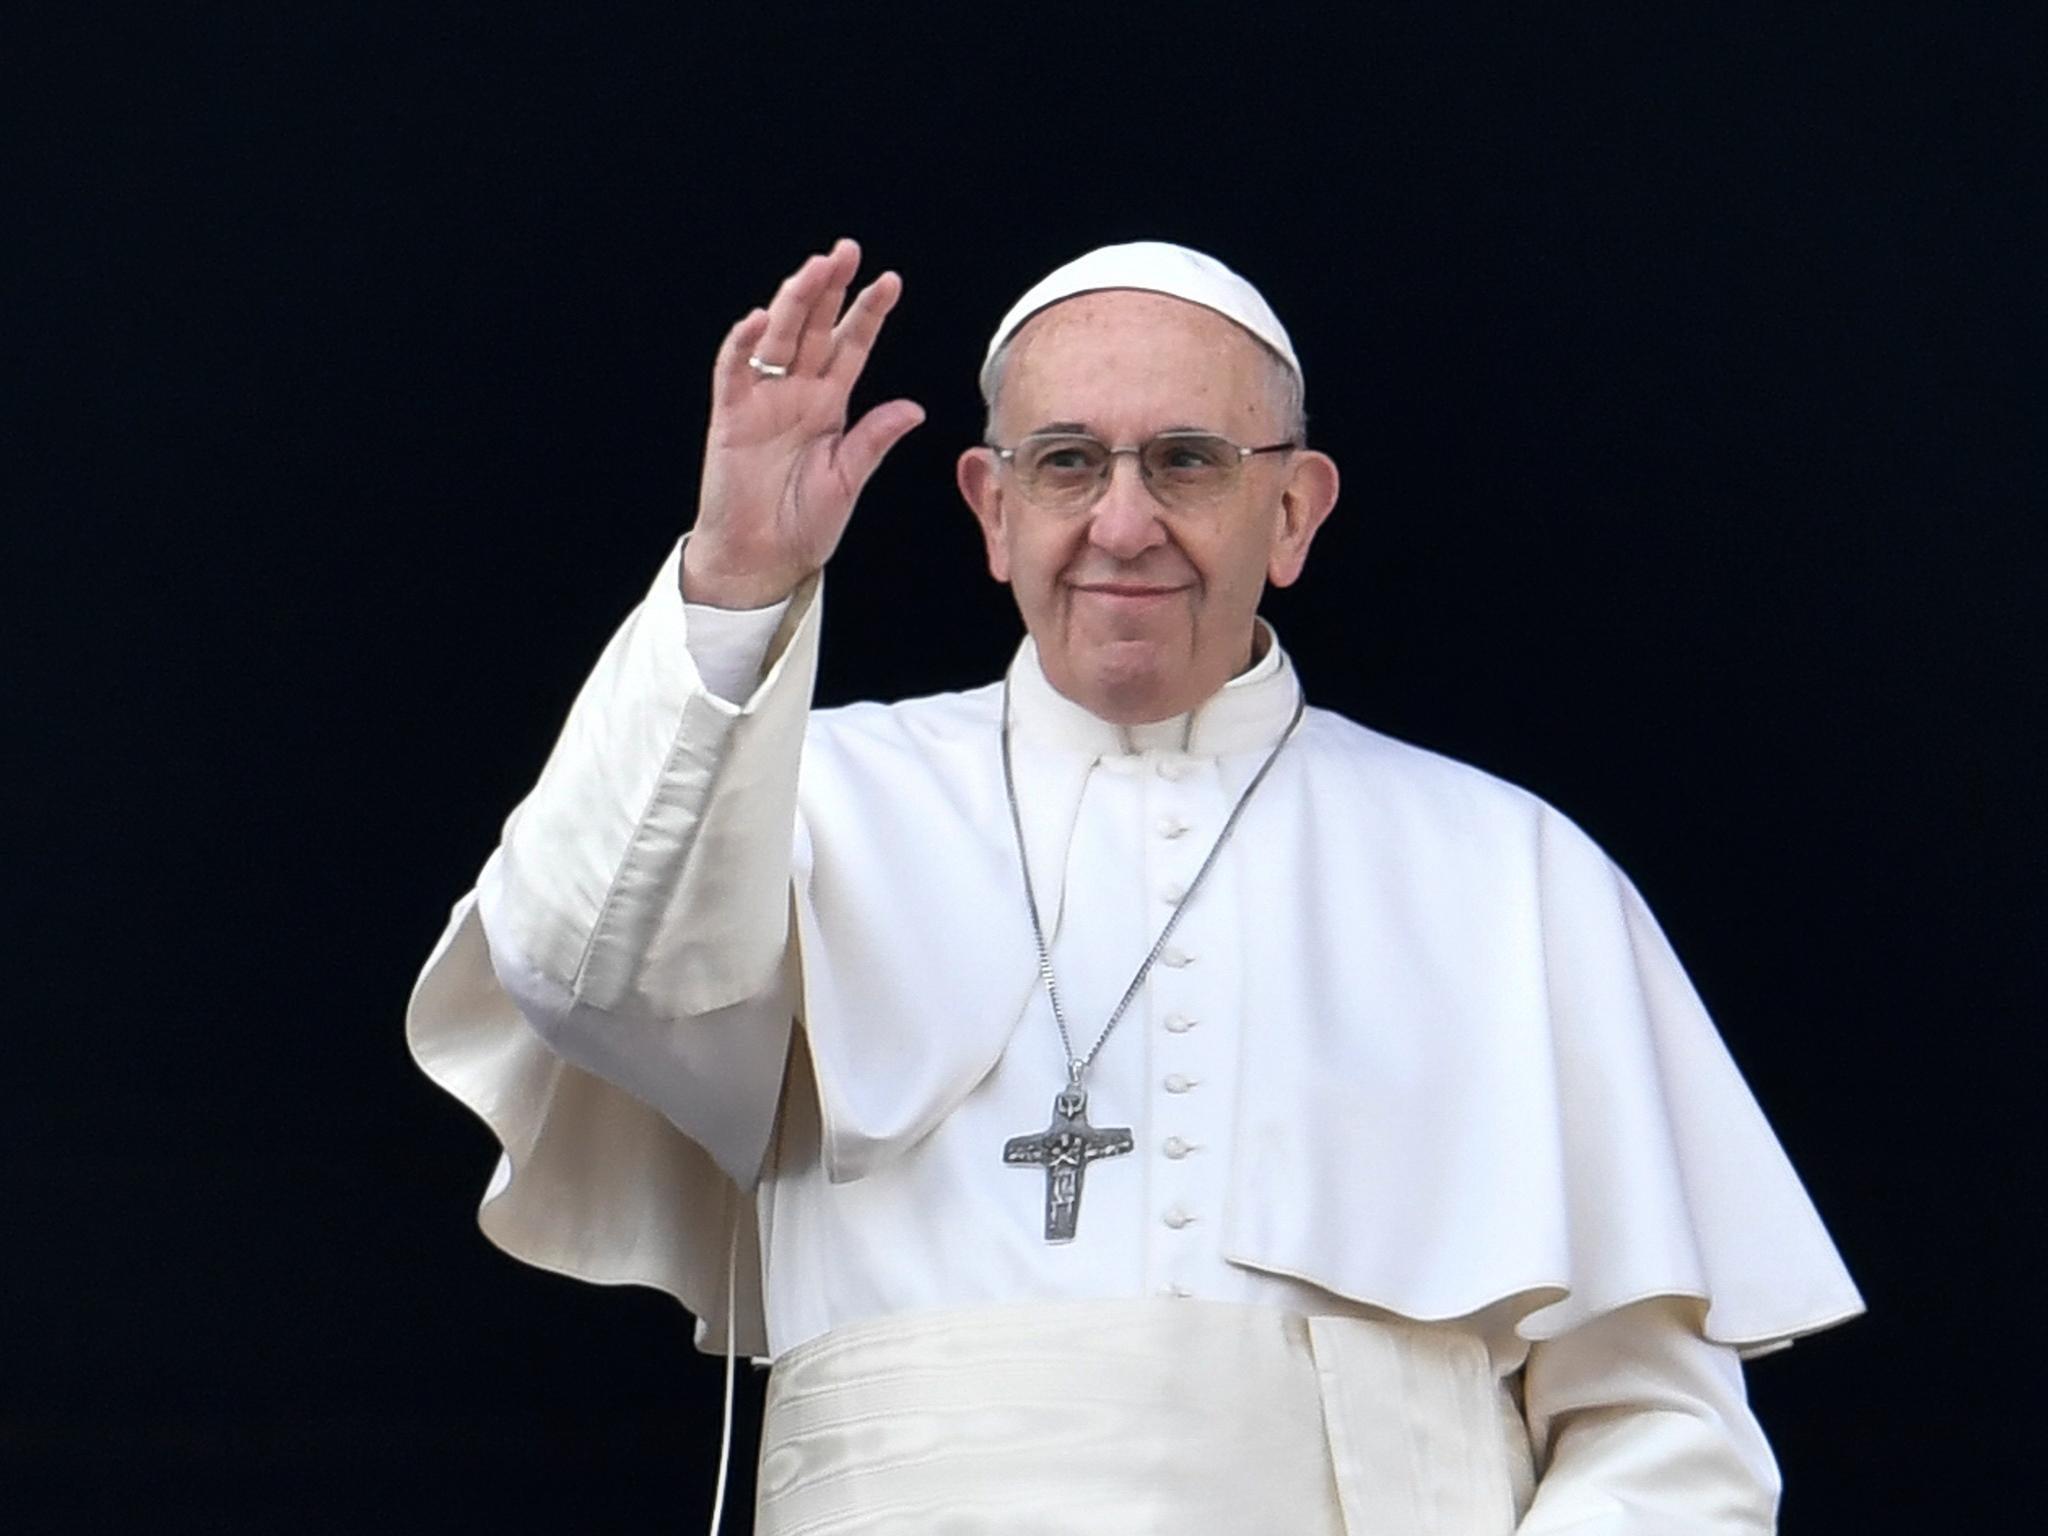 La prière des 5 doigts du Pape François